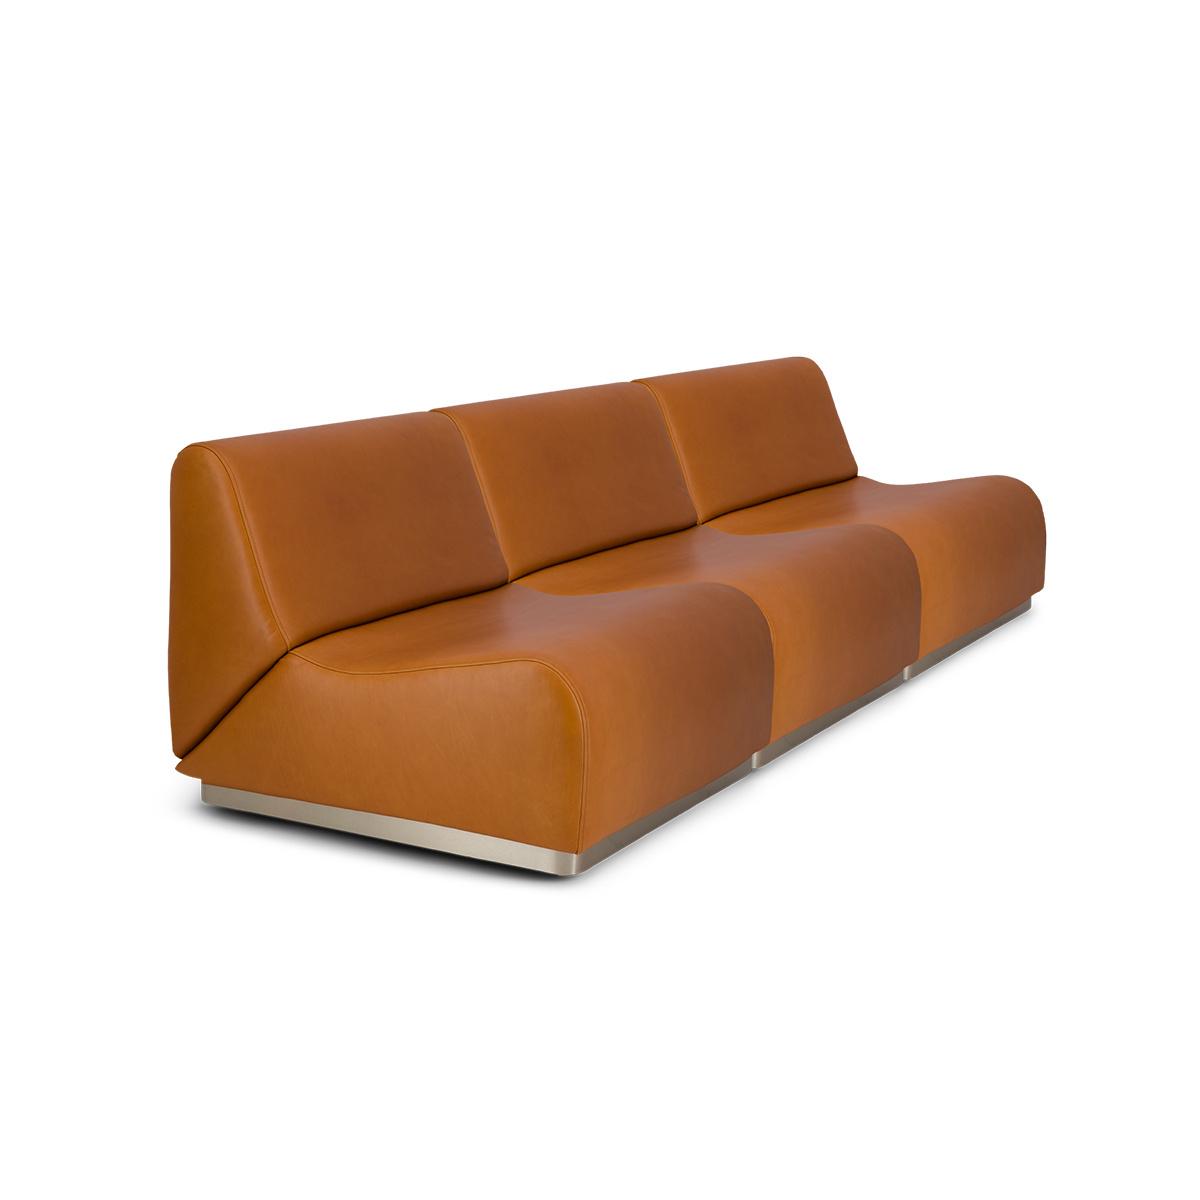 Canapé modulable Rotondo en cuir camel